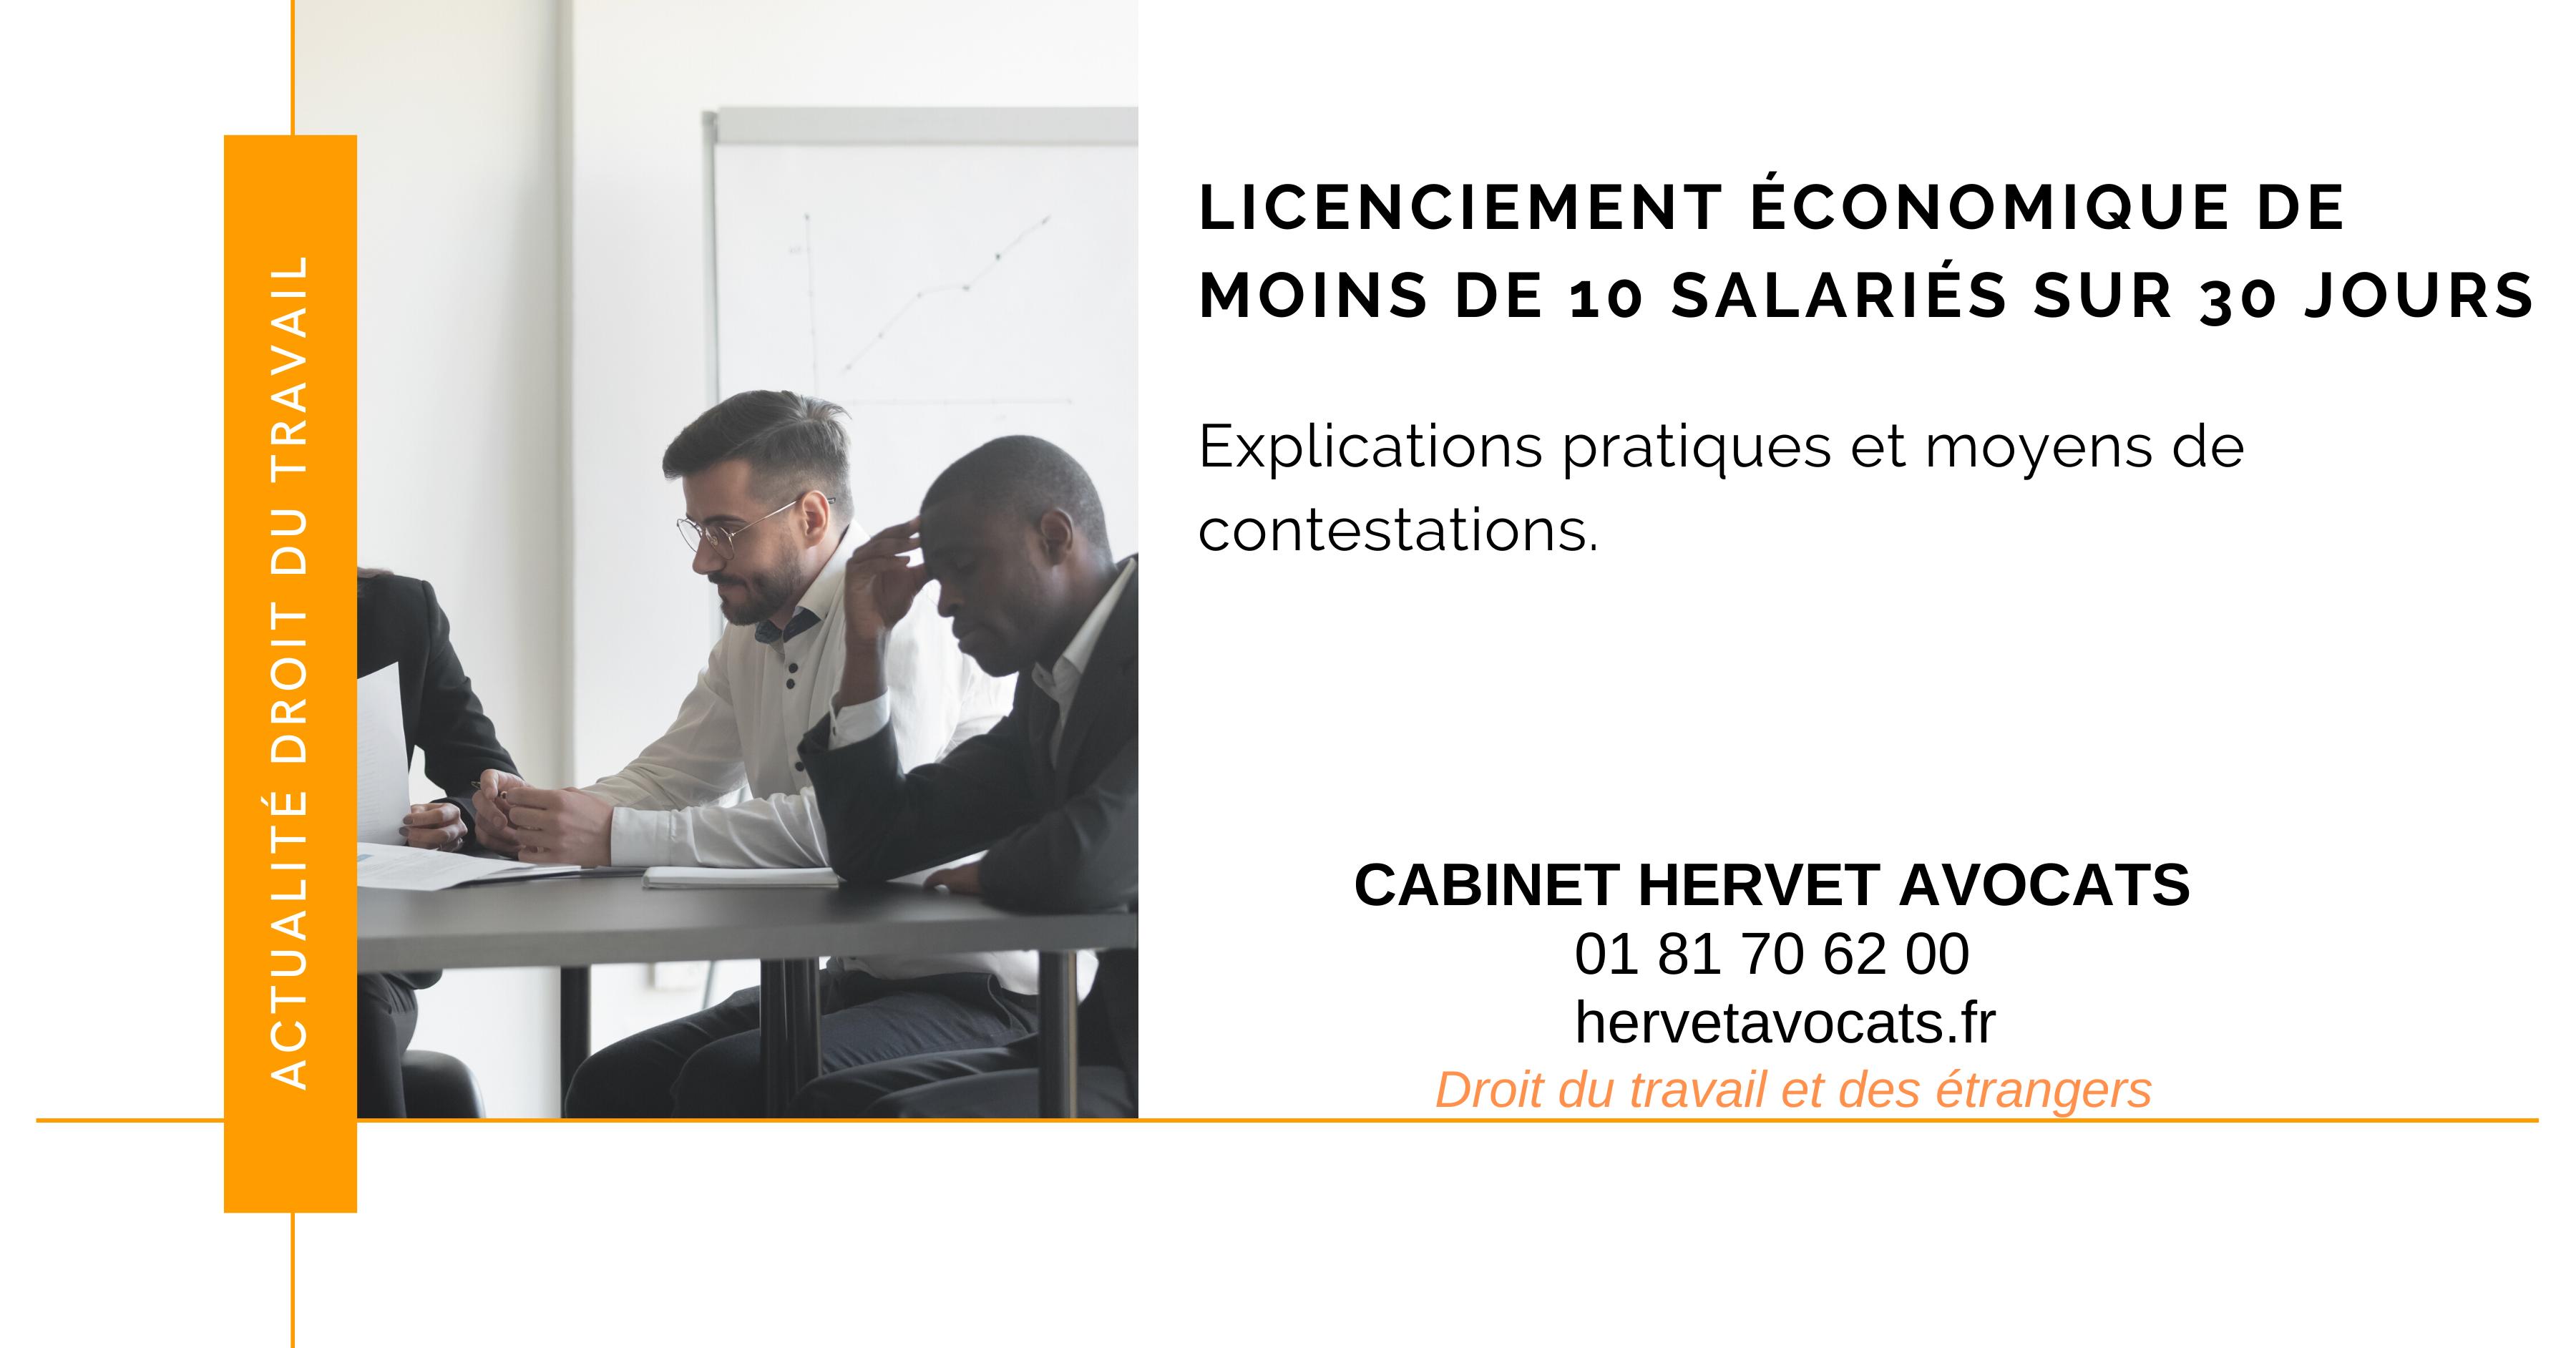 Le licenciement collectif pour motif économique de moins de 10 salariés sur 30 jours  : comment ça marche ?